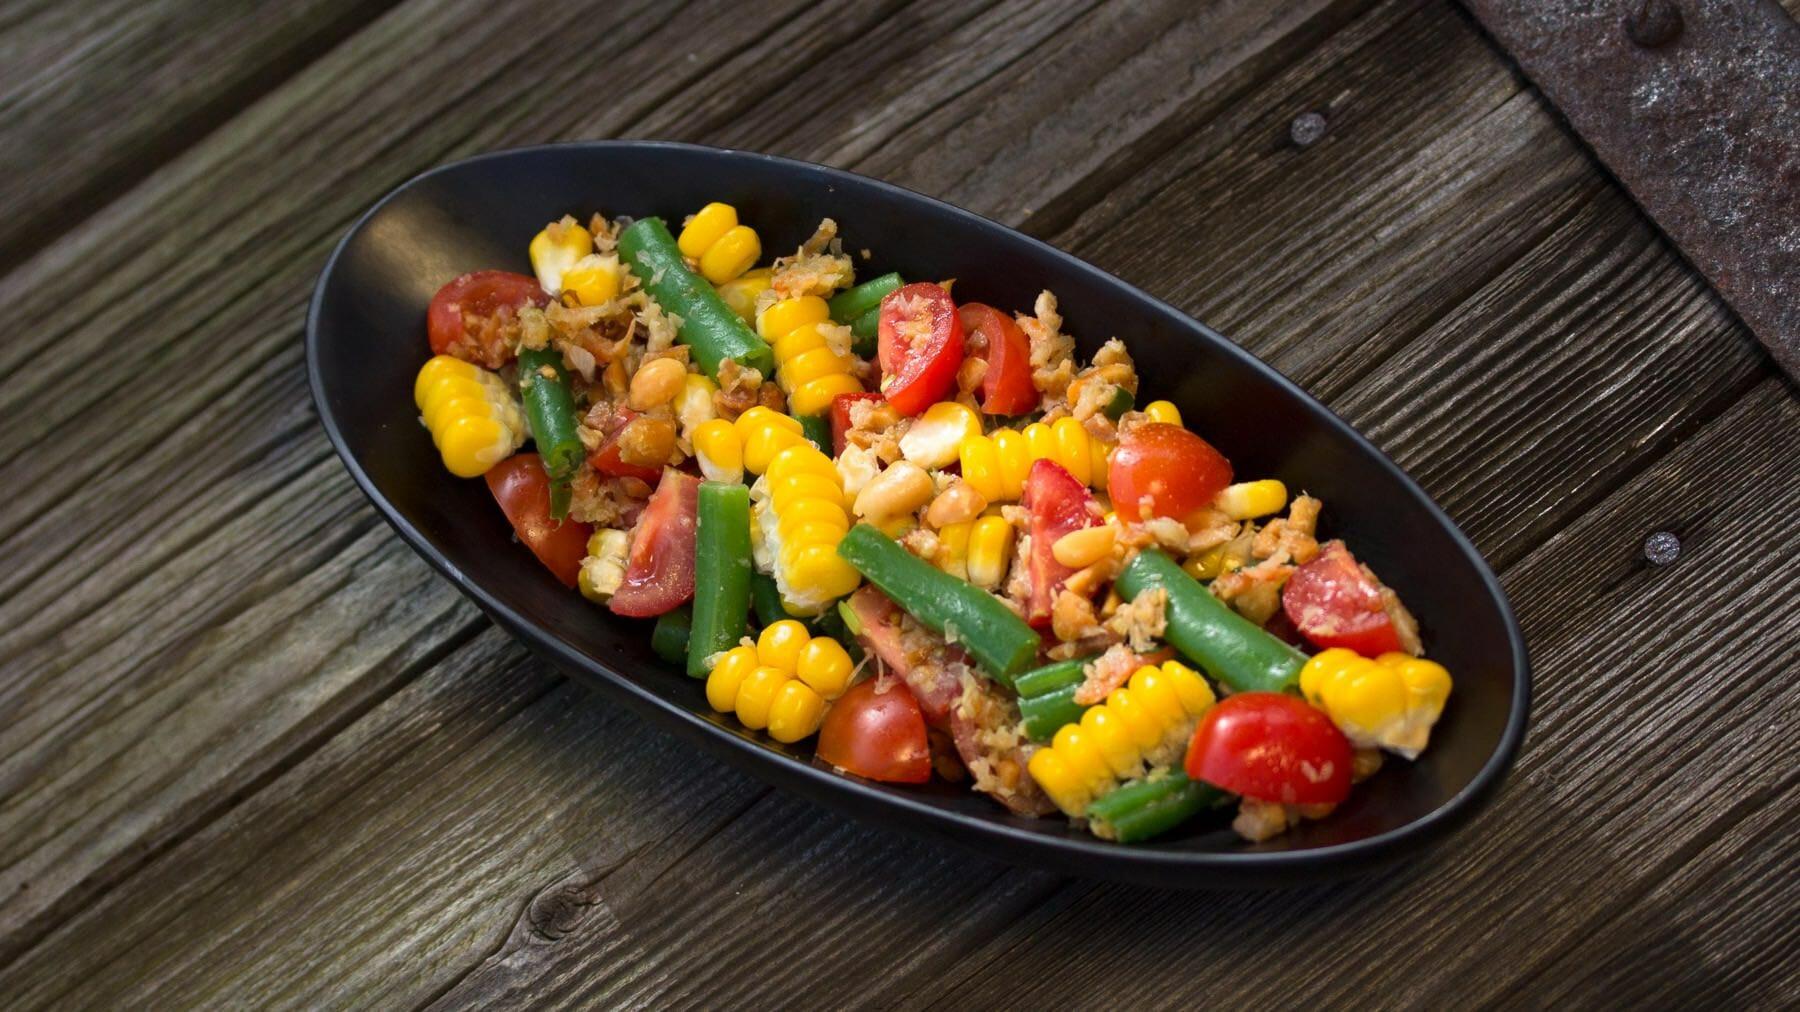 Scharfer Maissalat aus Thailand - Som Tam Khao Phot